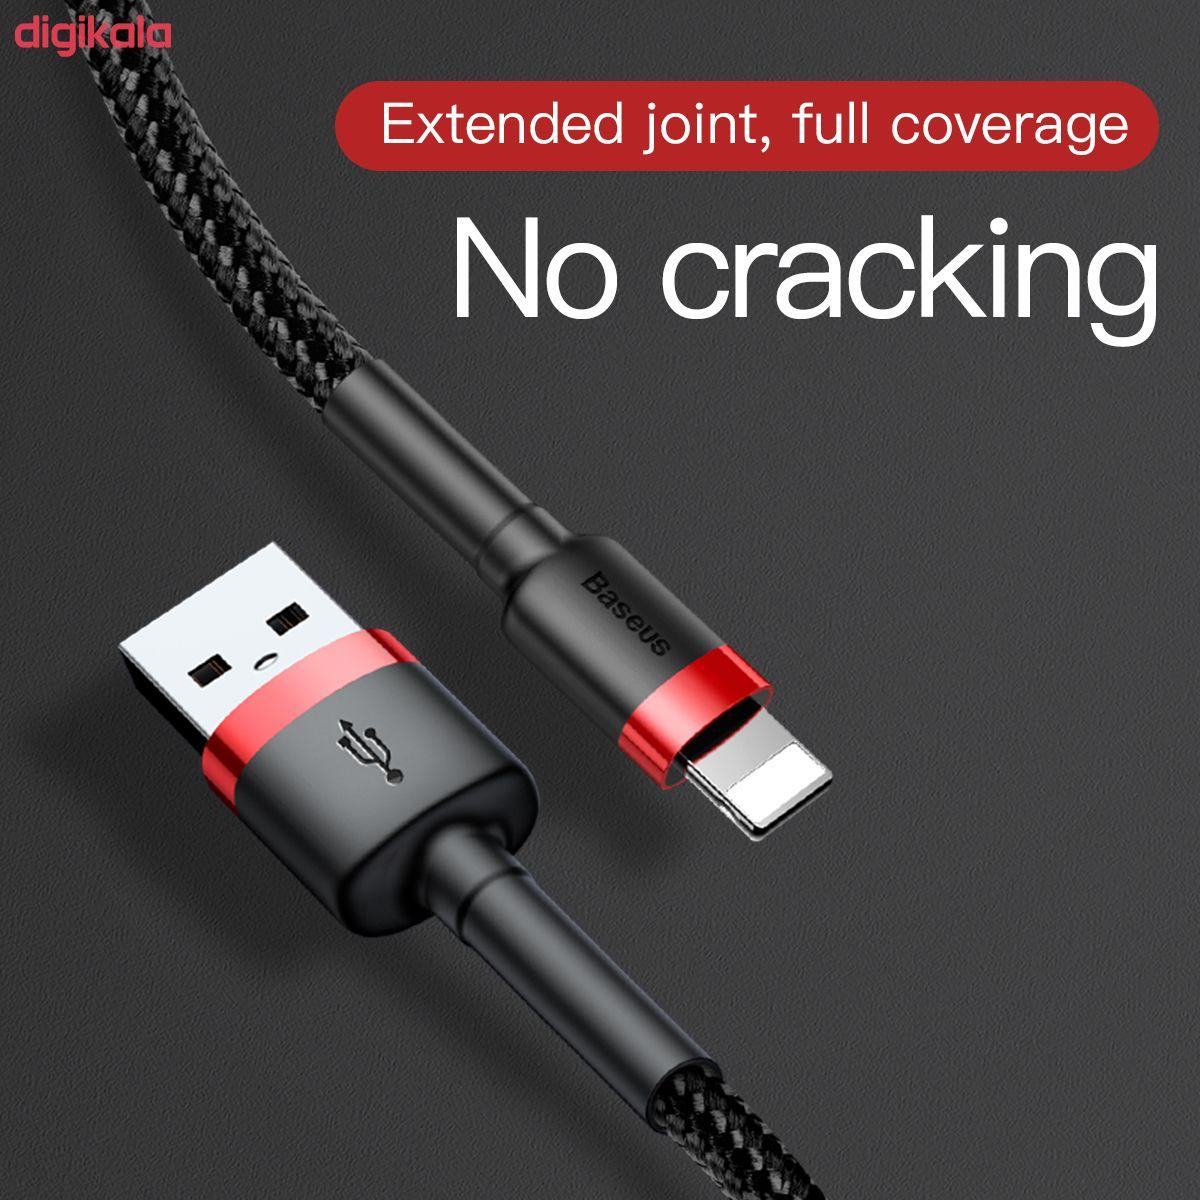 کابل تبدیل USB به لایتنینگ باسئوس مدل CALKLF-C19 Cafule طول 2 متر main 1 11